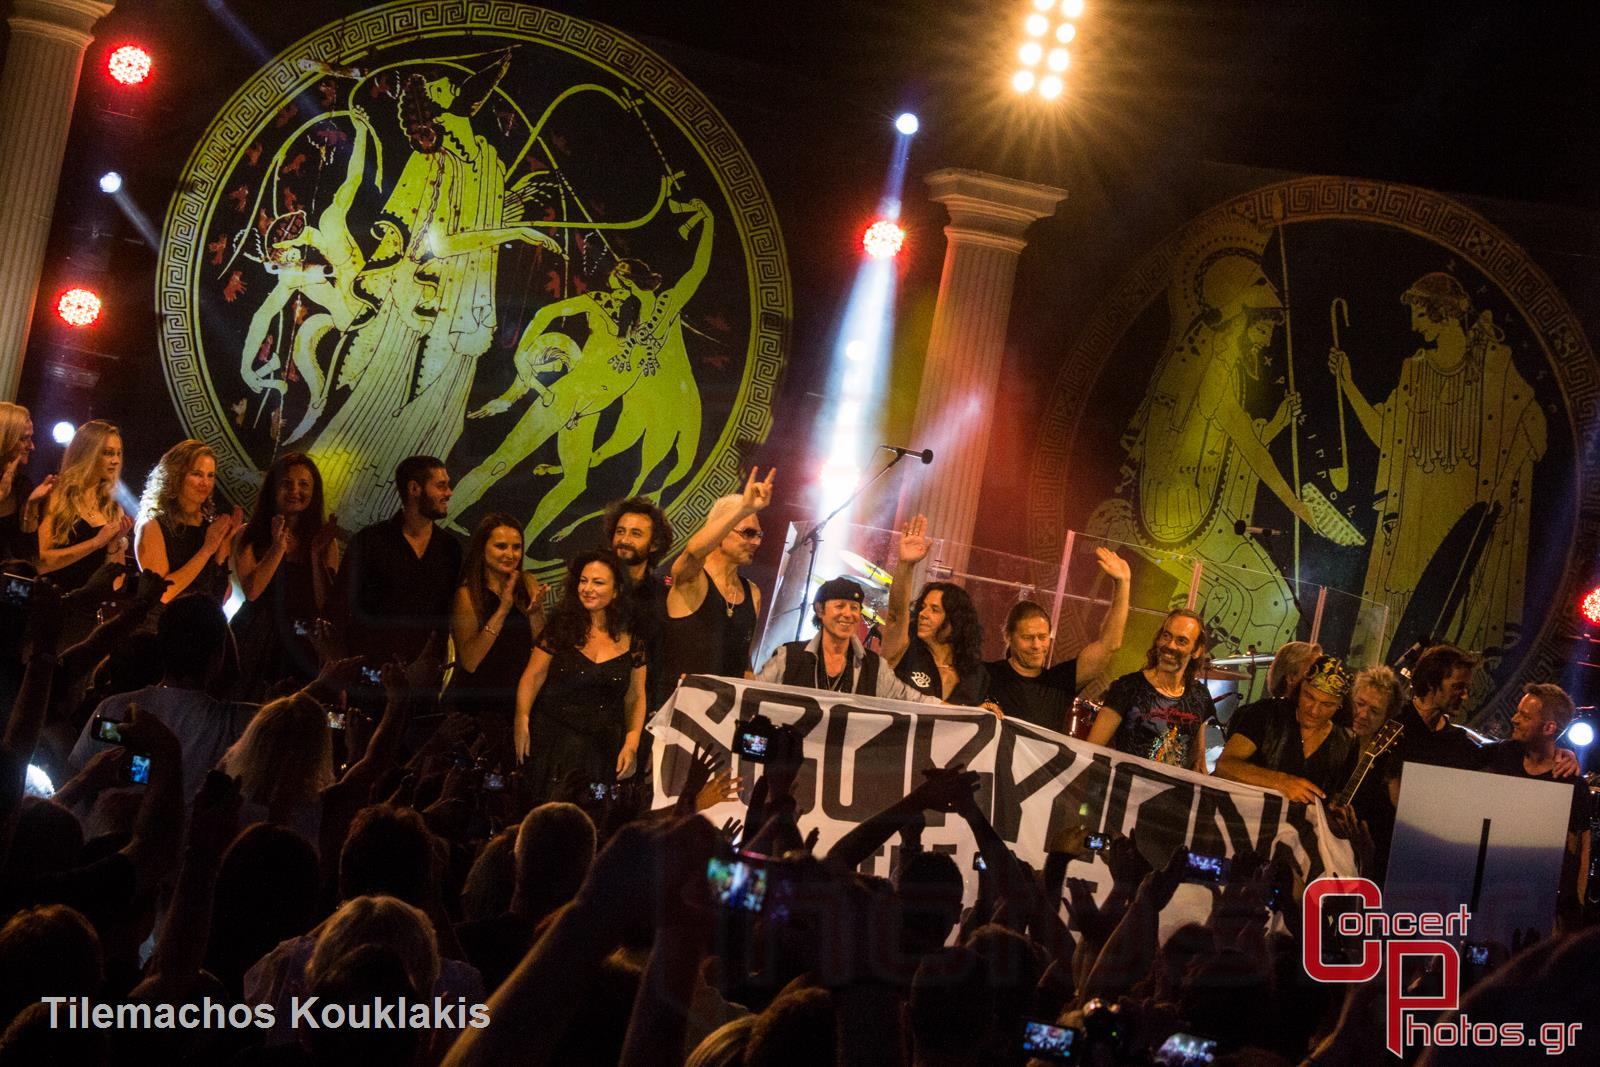 Scorpions-Scorpions photographer: Tilemachos Kouklakis - concertphotos_-7124